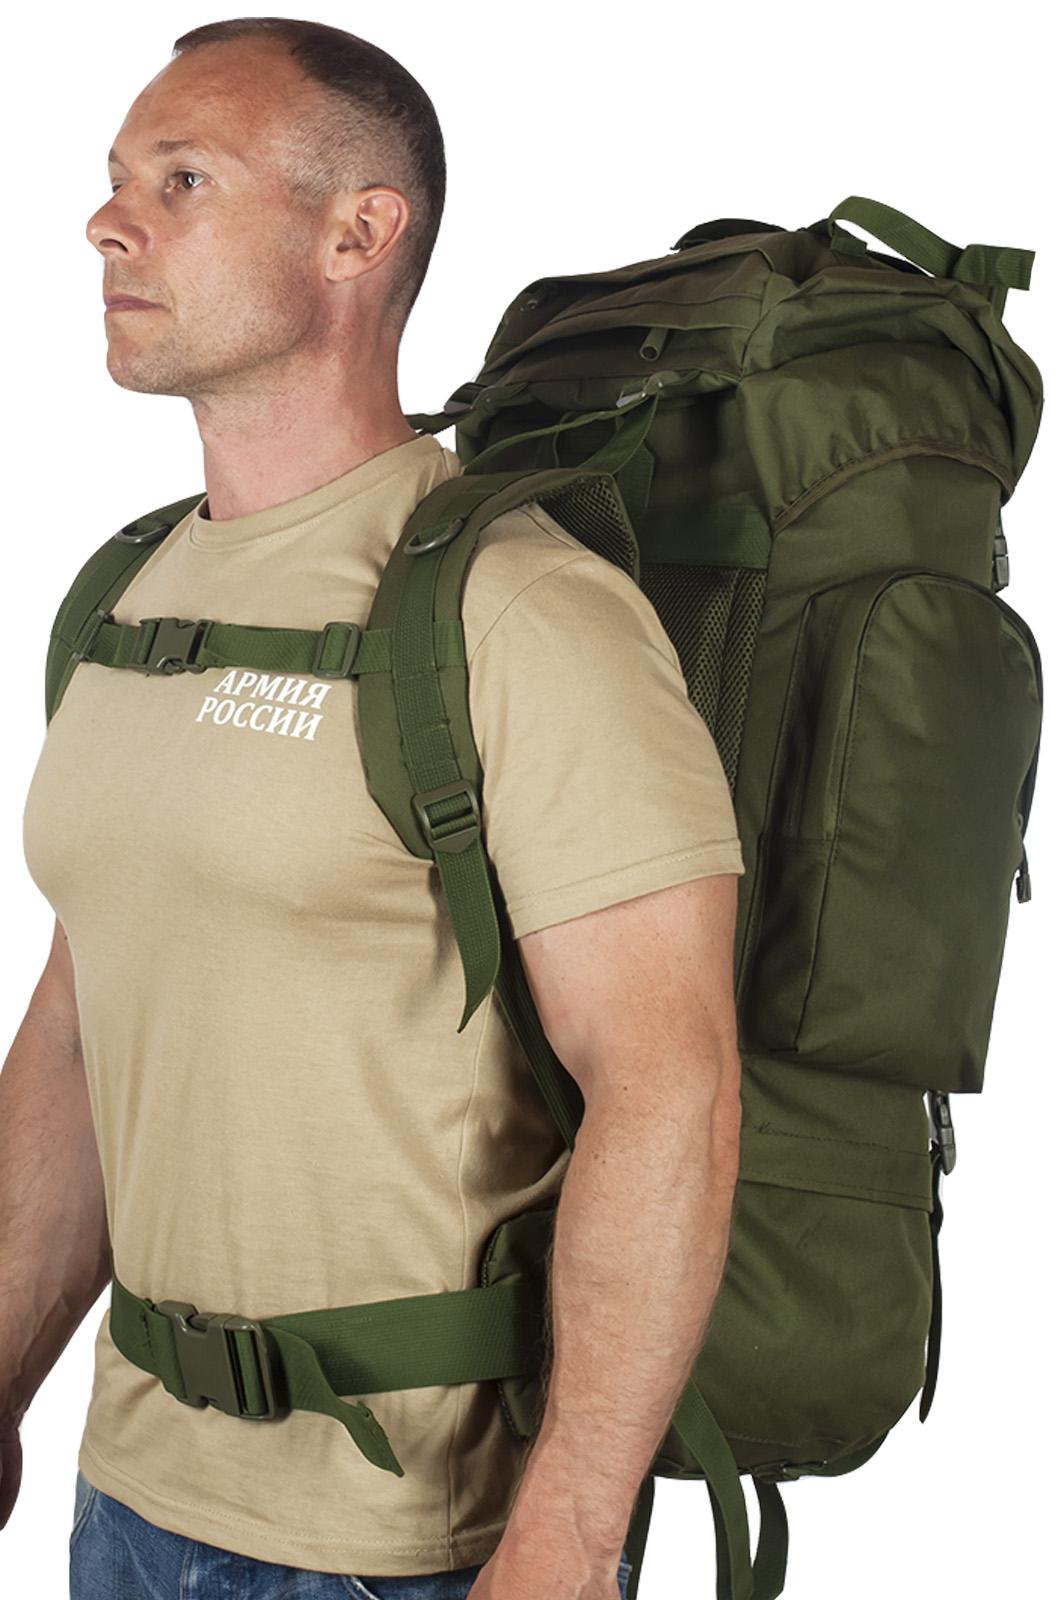 Купить армейский тактический рюкзак с в нашивкой Пограничной службы по экономичной цене